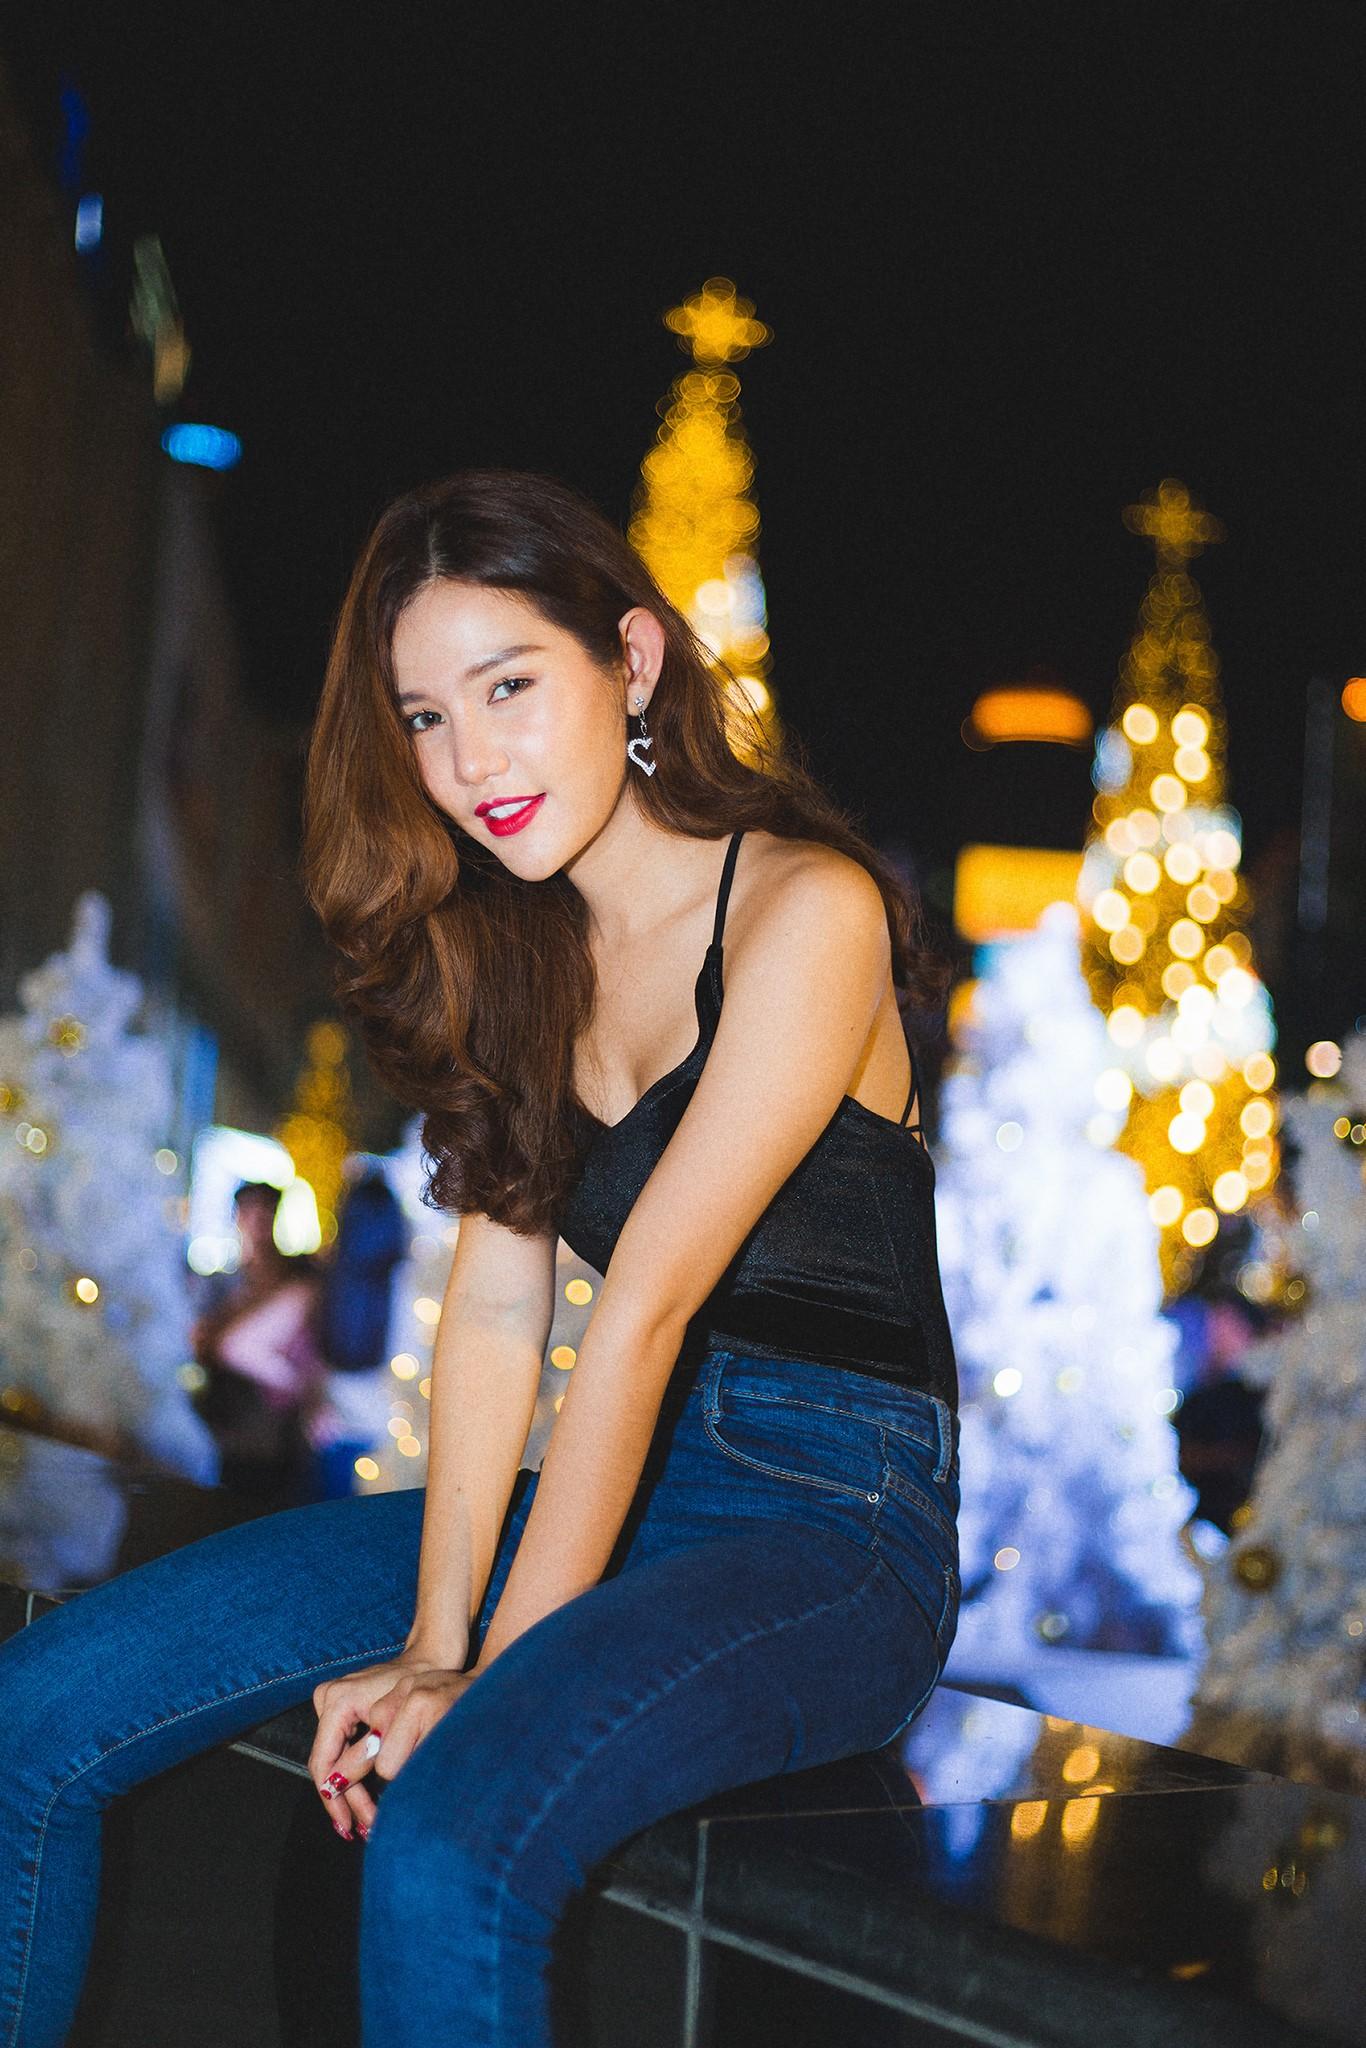 Jingle Bells - Nantaporn Ploy Pongpitak